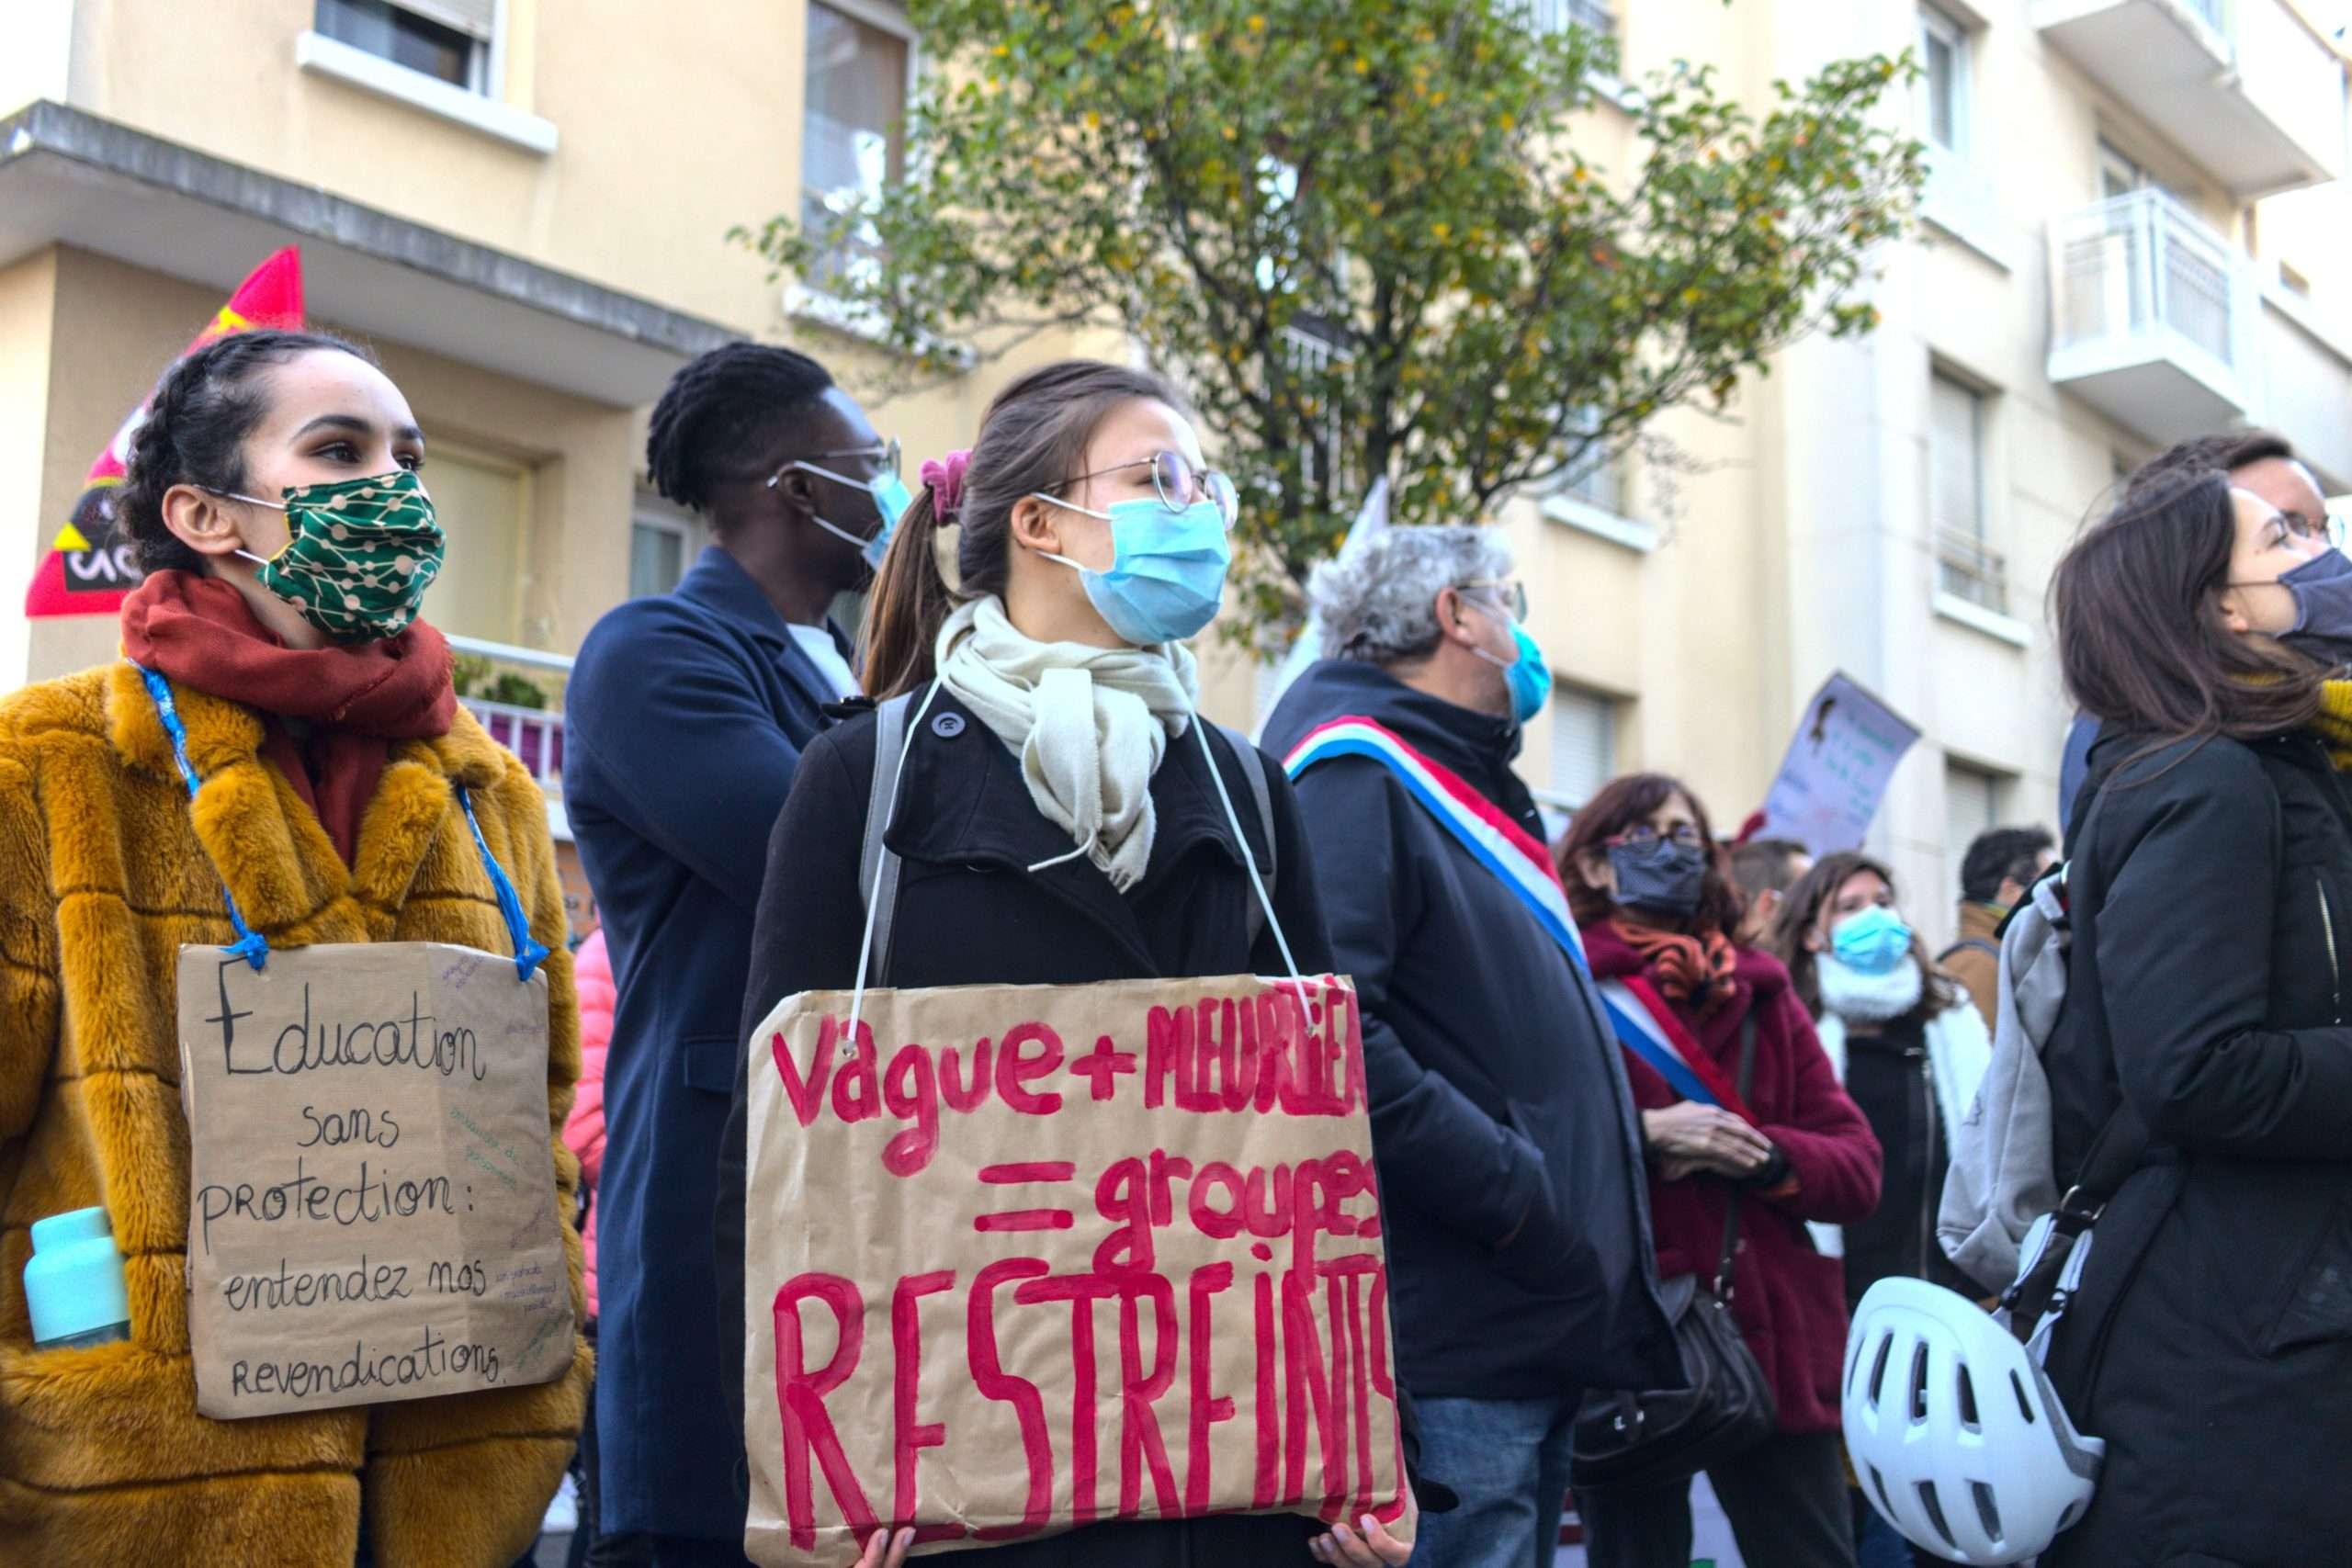 Rassemblement à Bobigny des enseignant⋅es de Seine-Saint-Denis mobilisé⋅es pour meilleur protocole sanitaire, le 5 novembre 2020. Photographie : Pierre-Olivier Chaput pour Radio Parleur